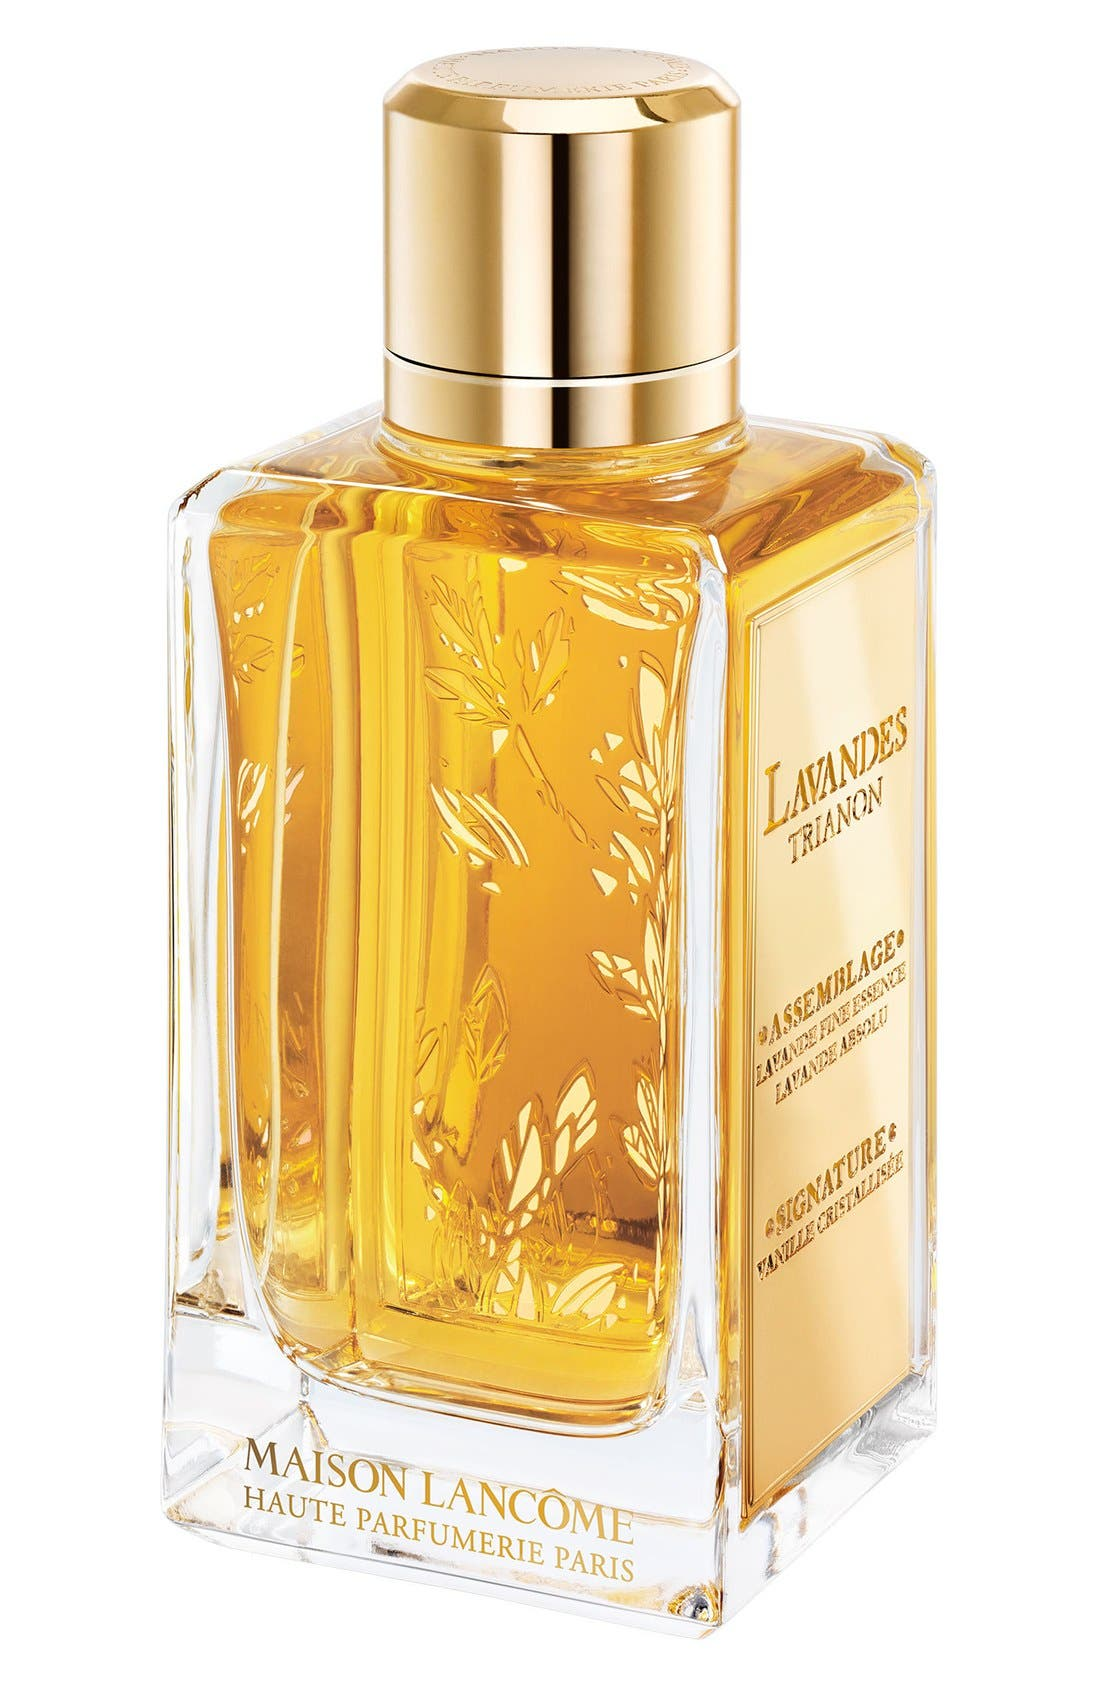 Maison Lancôme - Lavandes Trianon Eau de Parfum,                             Alternate thumbnail 2, color,